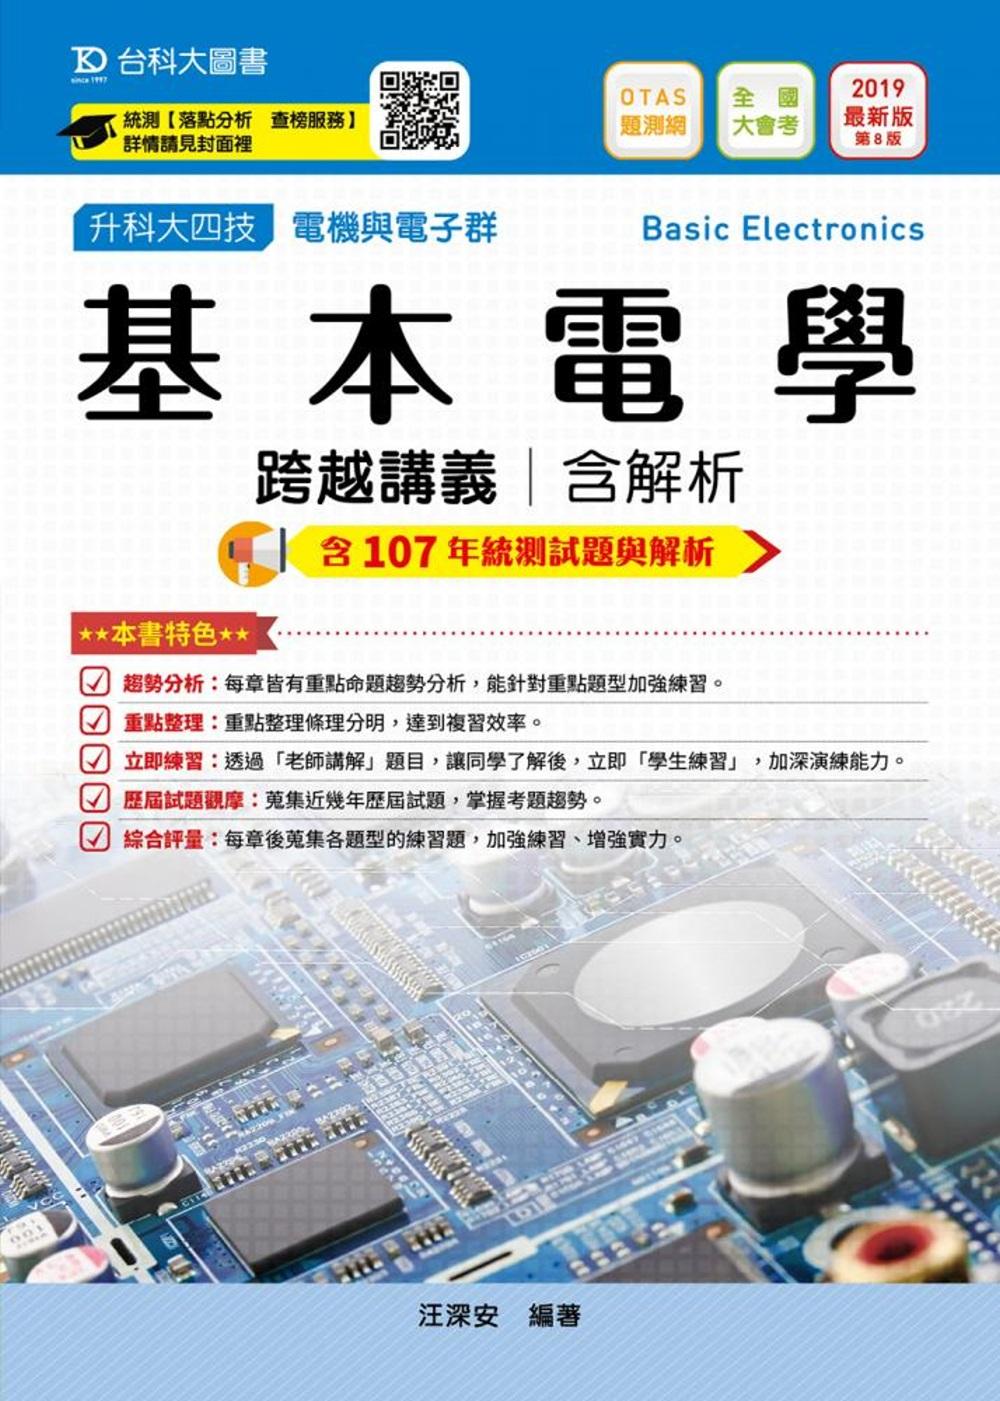 升科大四技電機與電子群基本電學跨越講義含解析 2019年最新版(第八版)附贈OTAS題測系統